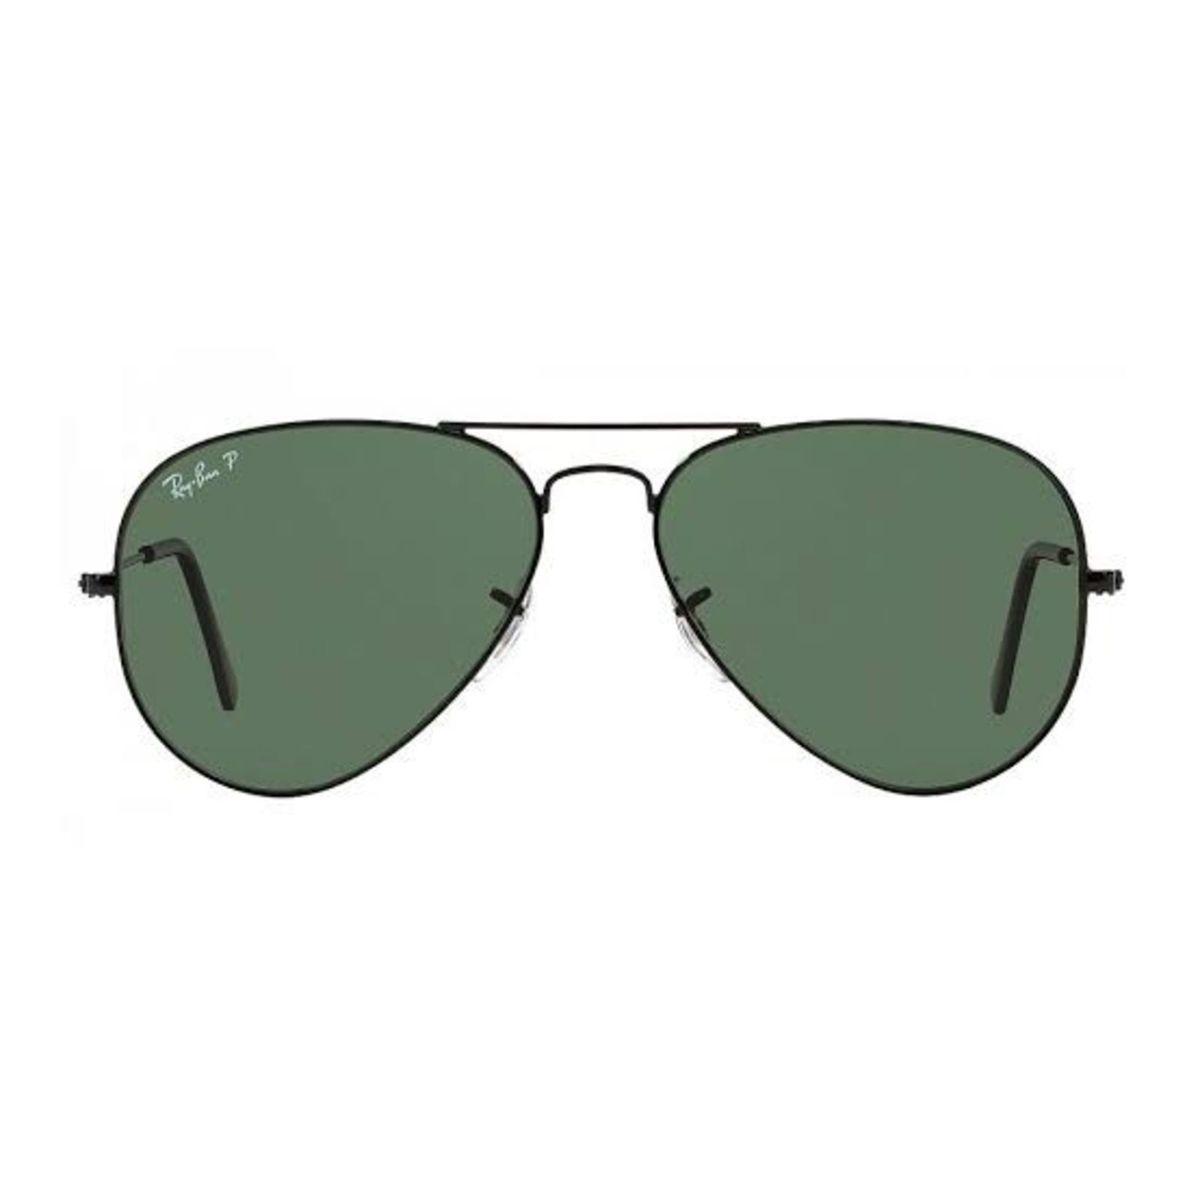 Oculos Rayban Aviador Modelo 2005   Óculos Masculino Ray Ban Usado ... 45a6dd8c54